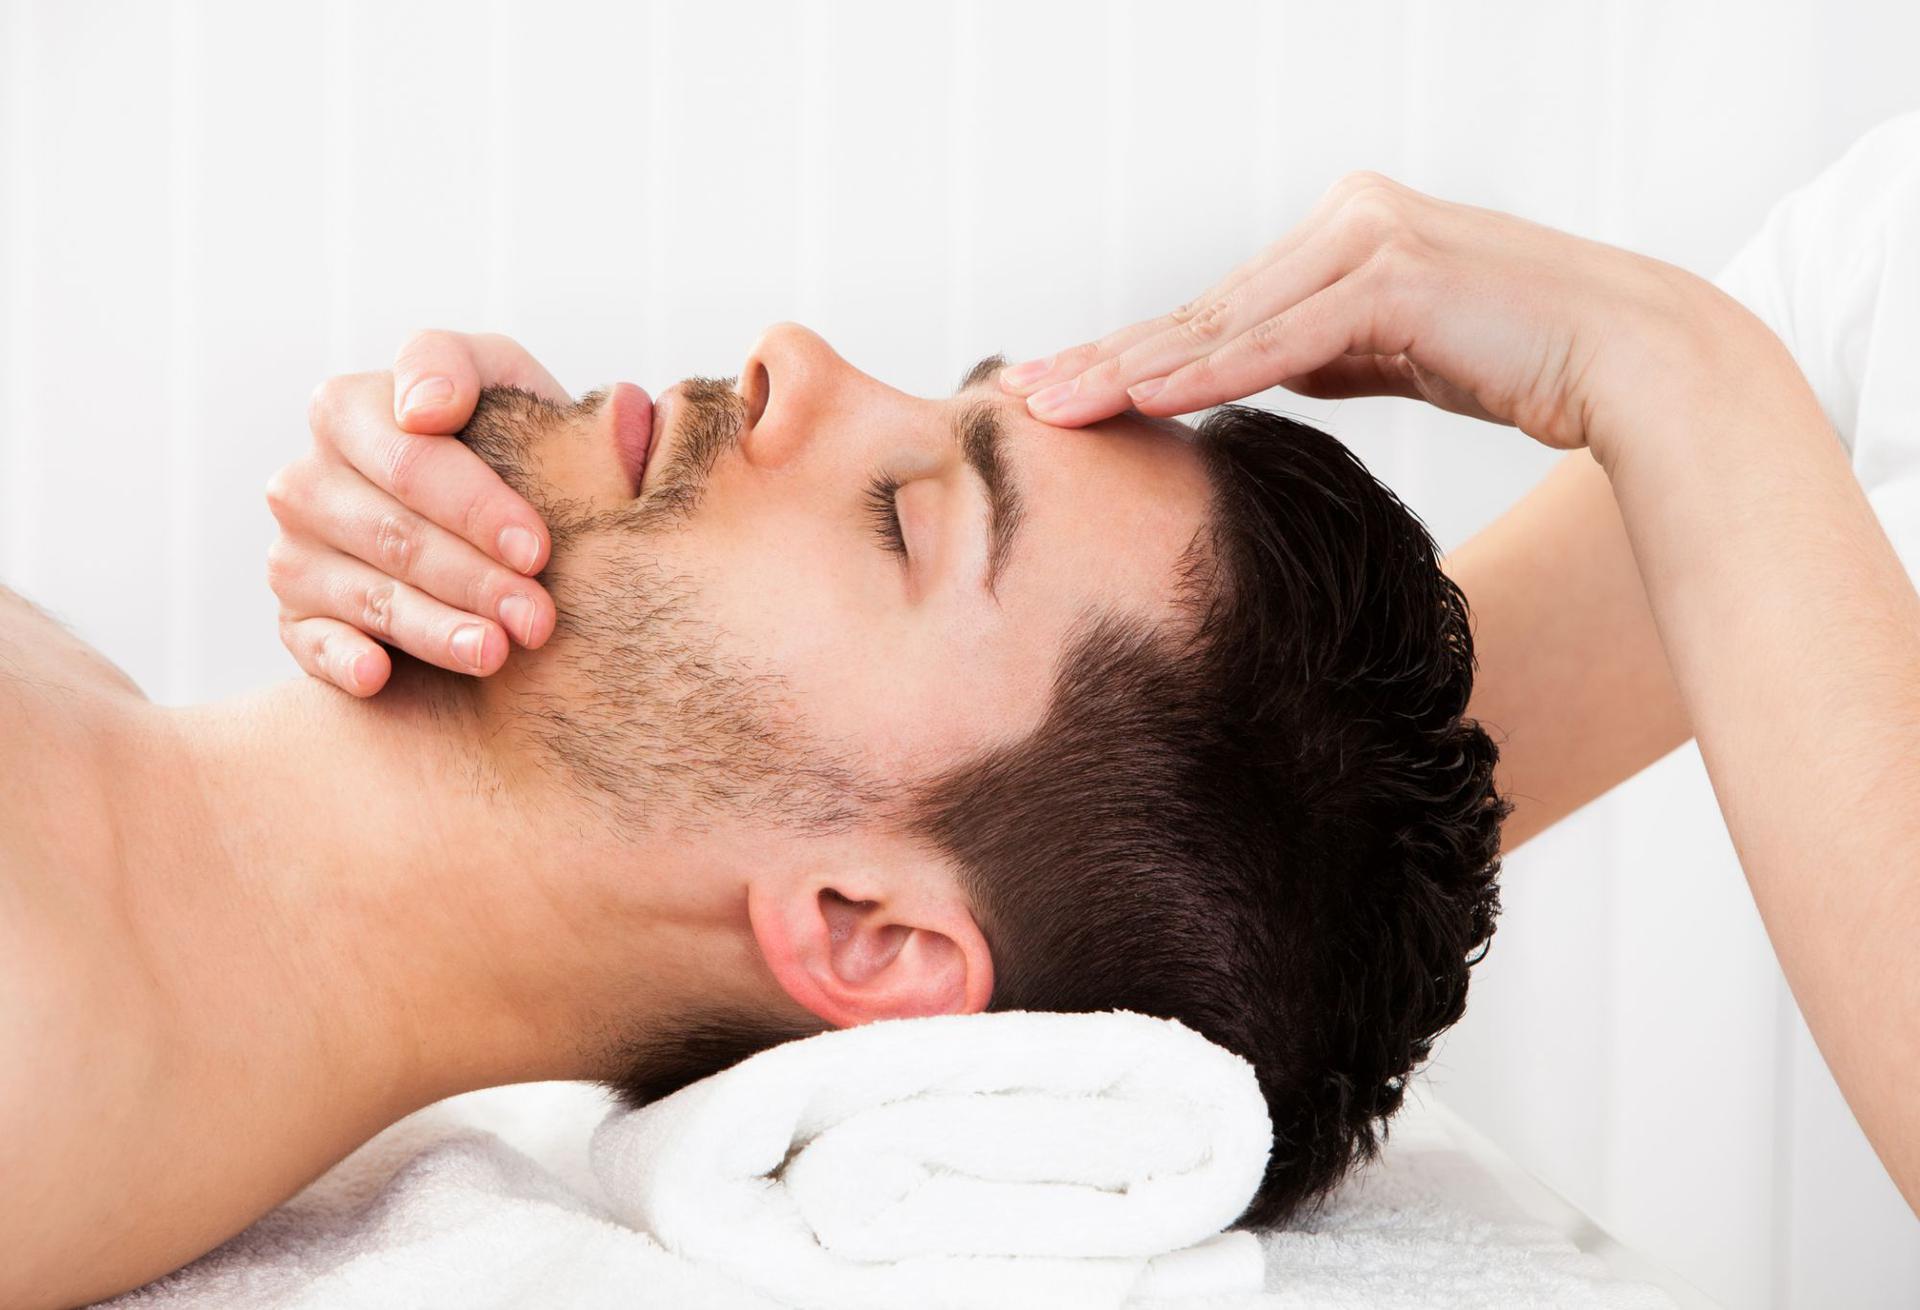 w jaki sposób masaż prostaty wpływa na erekcję)